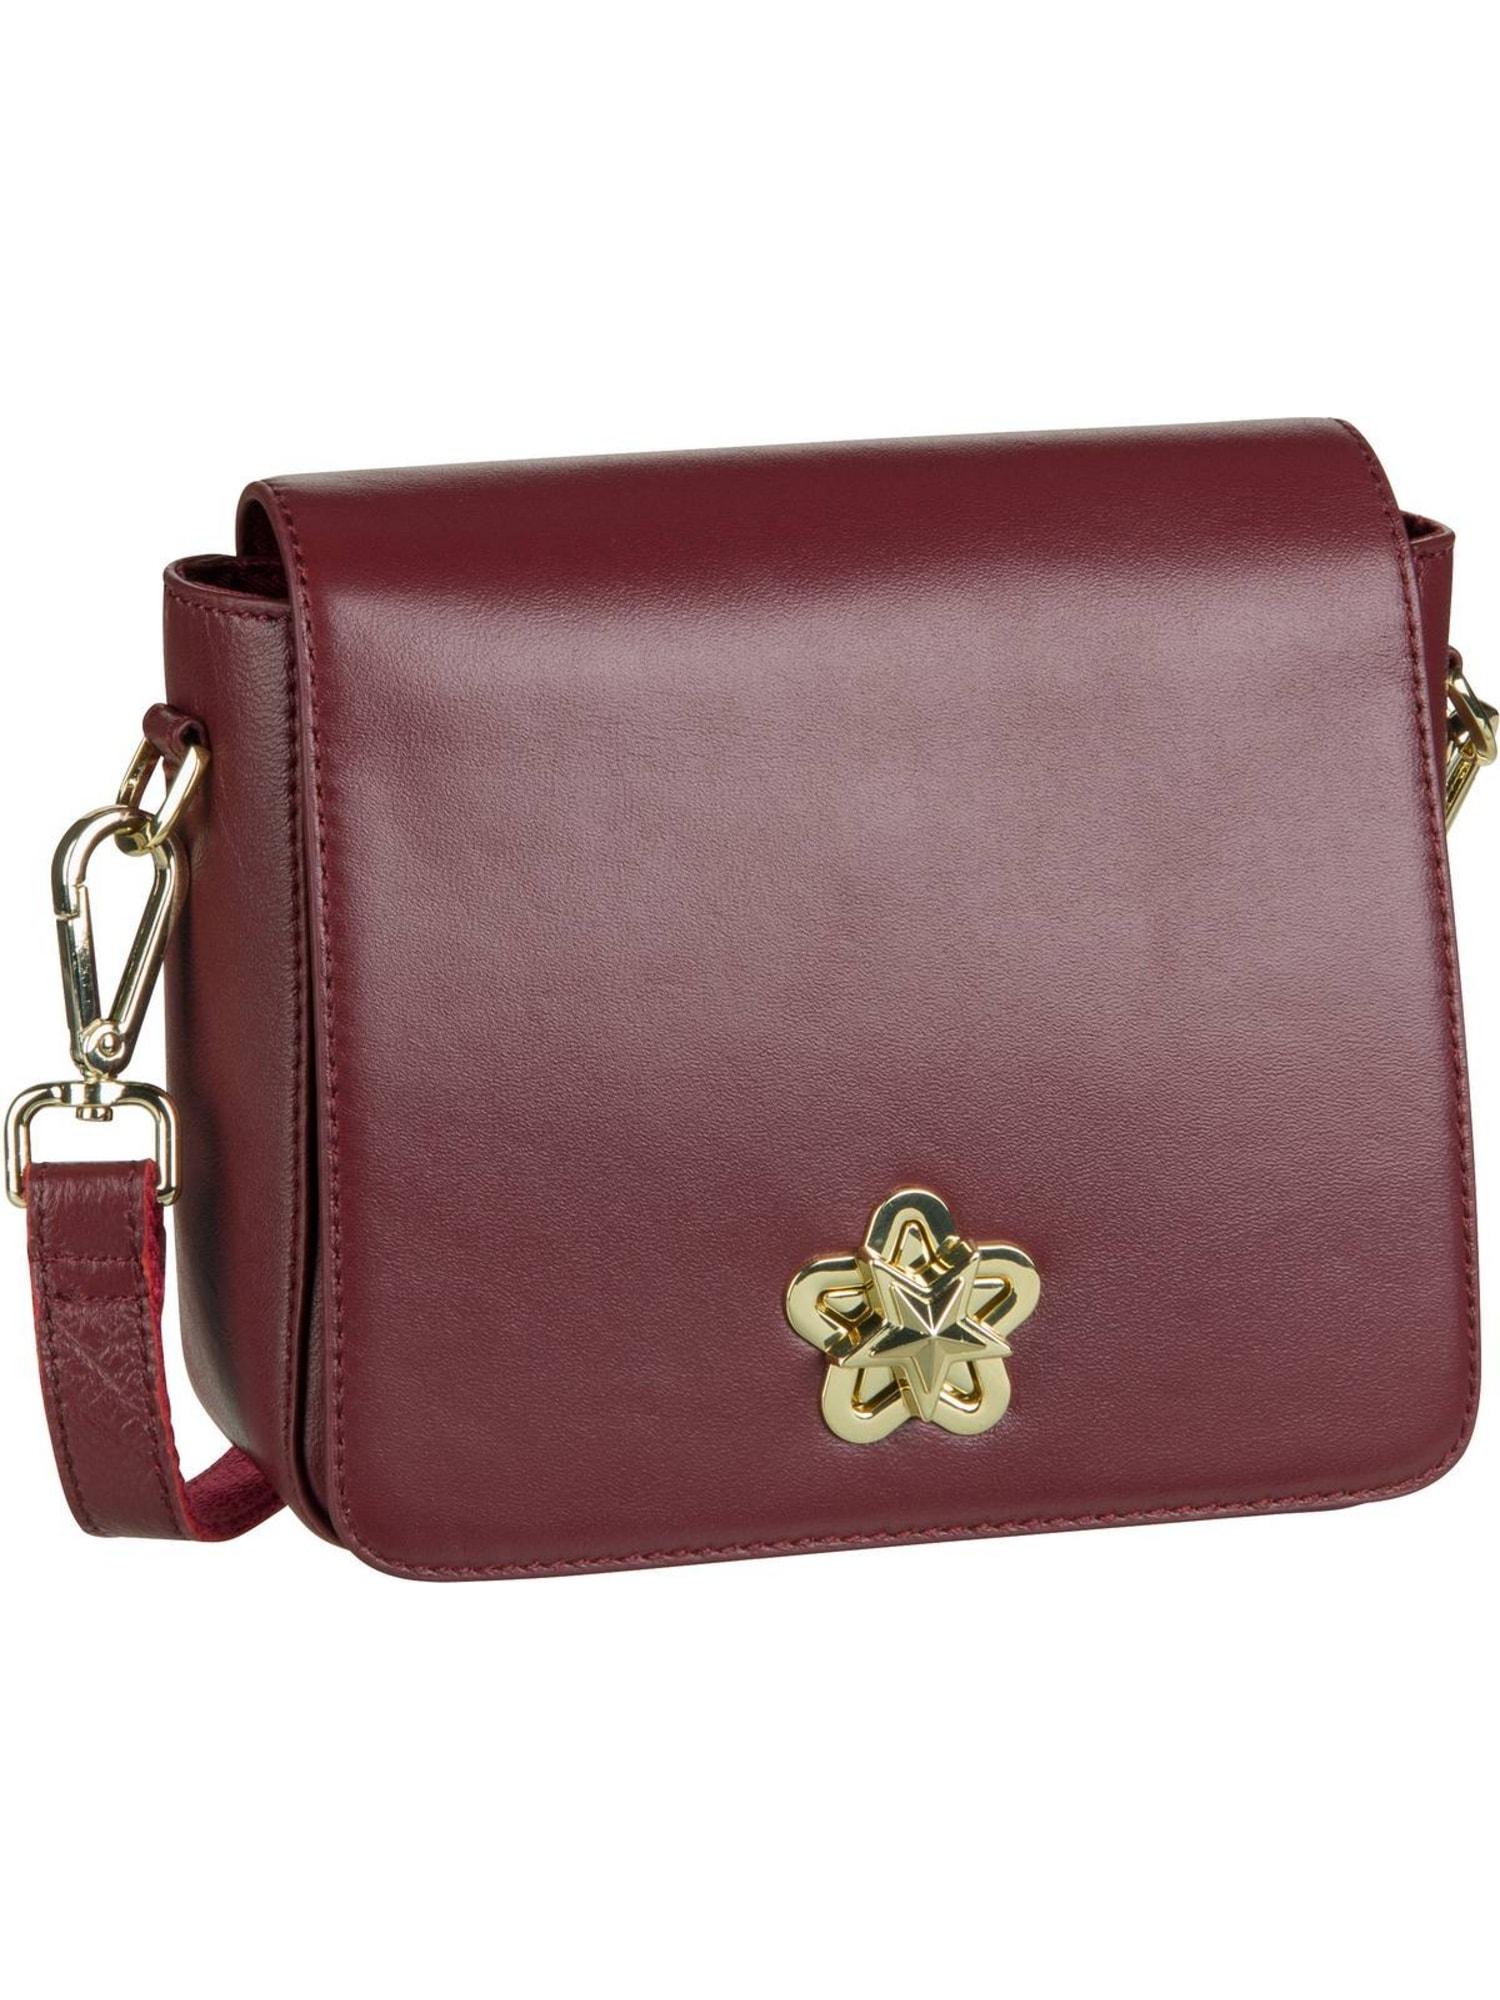 Abendtasche & Clutch ' Twinkle ' | Taschen > Handtaschen > Abendtaschen | Bordeaux | FREDsBRUDER